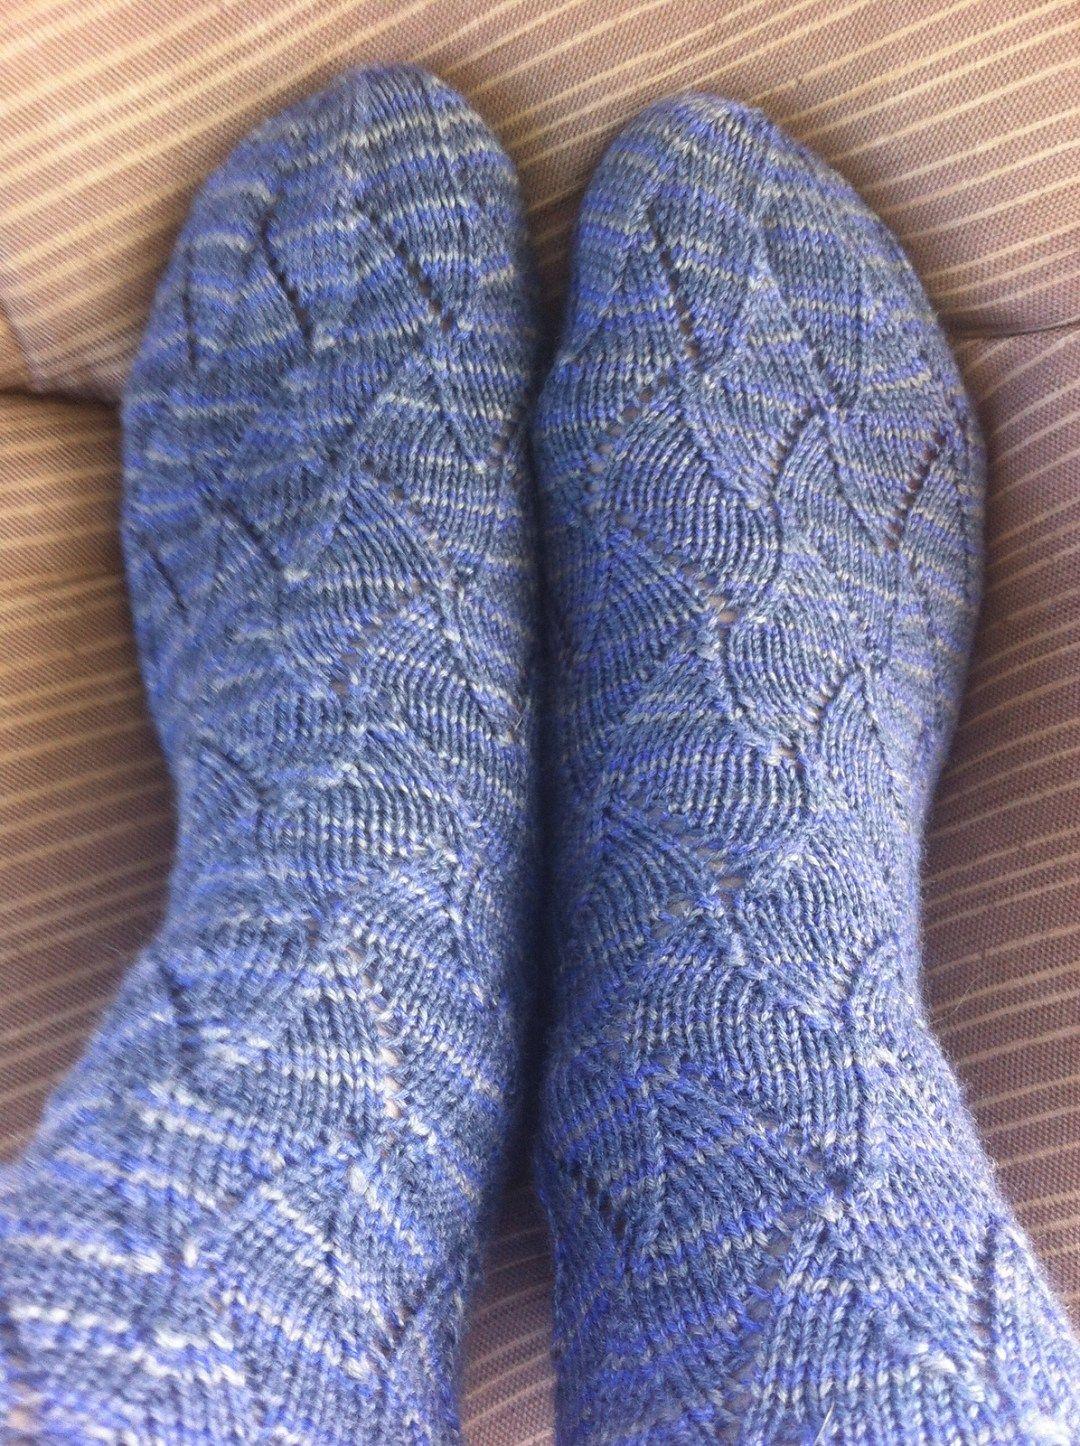 Shark Knitting Patterns Knitting Pinterest Knitting Knitting